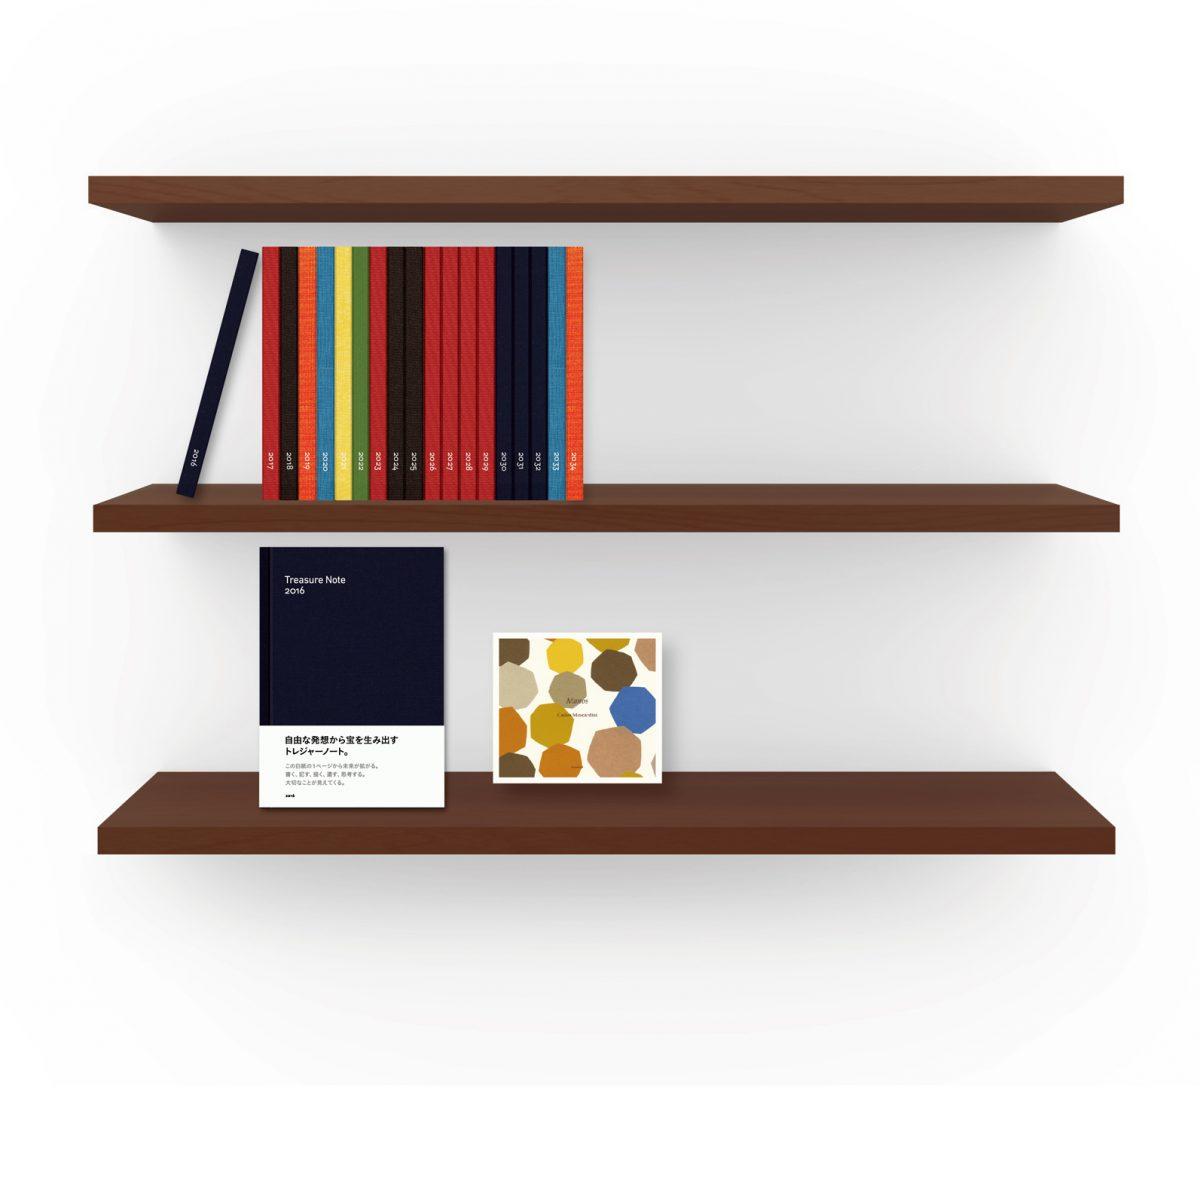 Treasure Note 2017|オリジナルデザイン・ノートブック|装幀・ブックデザイン グラフィックデザイン|東京都千代田区